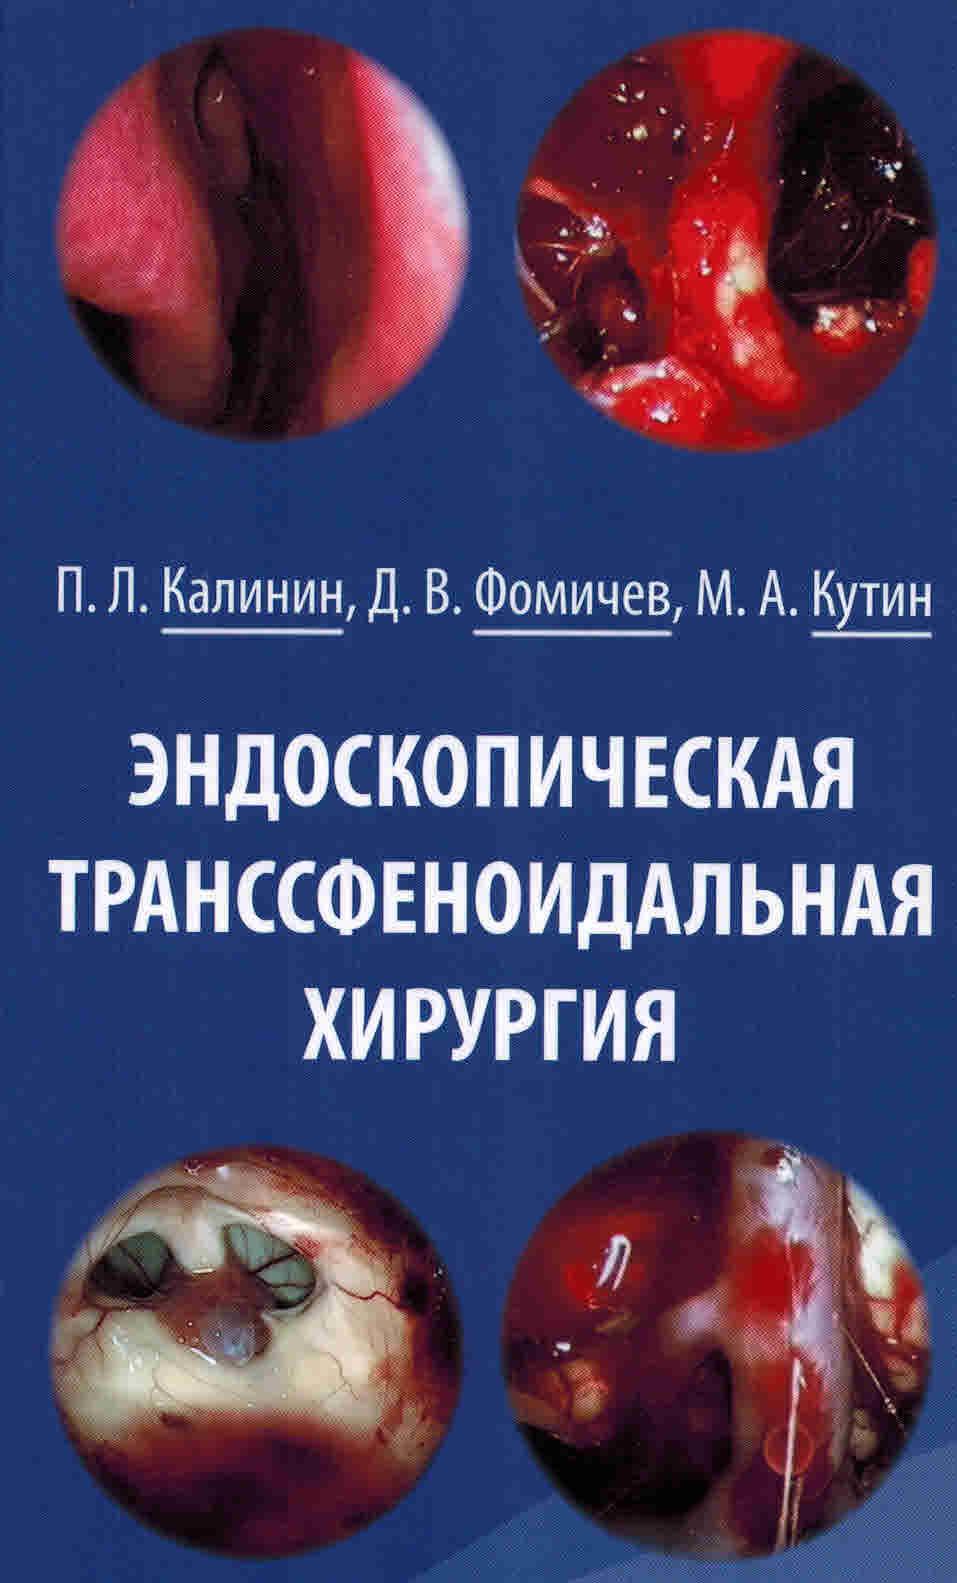 Хирургия Эндоскопическая транссфеноидальная хирургия endoskop_transsf_hir.jpg